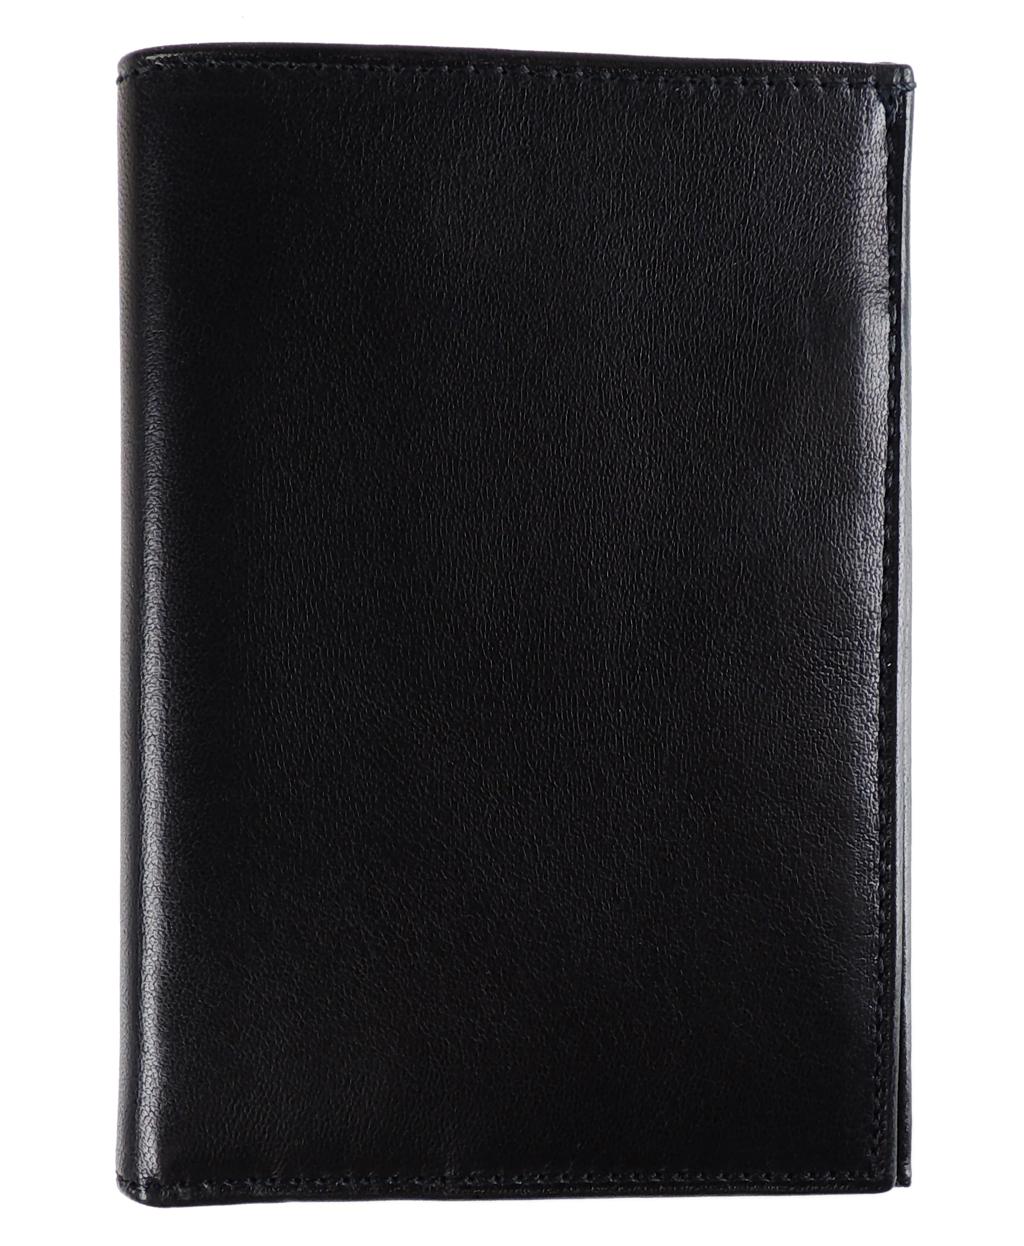 322e38180a Al Pascià - Wallet Bi-Fold AP345 - Black - 003 - Leather items -